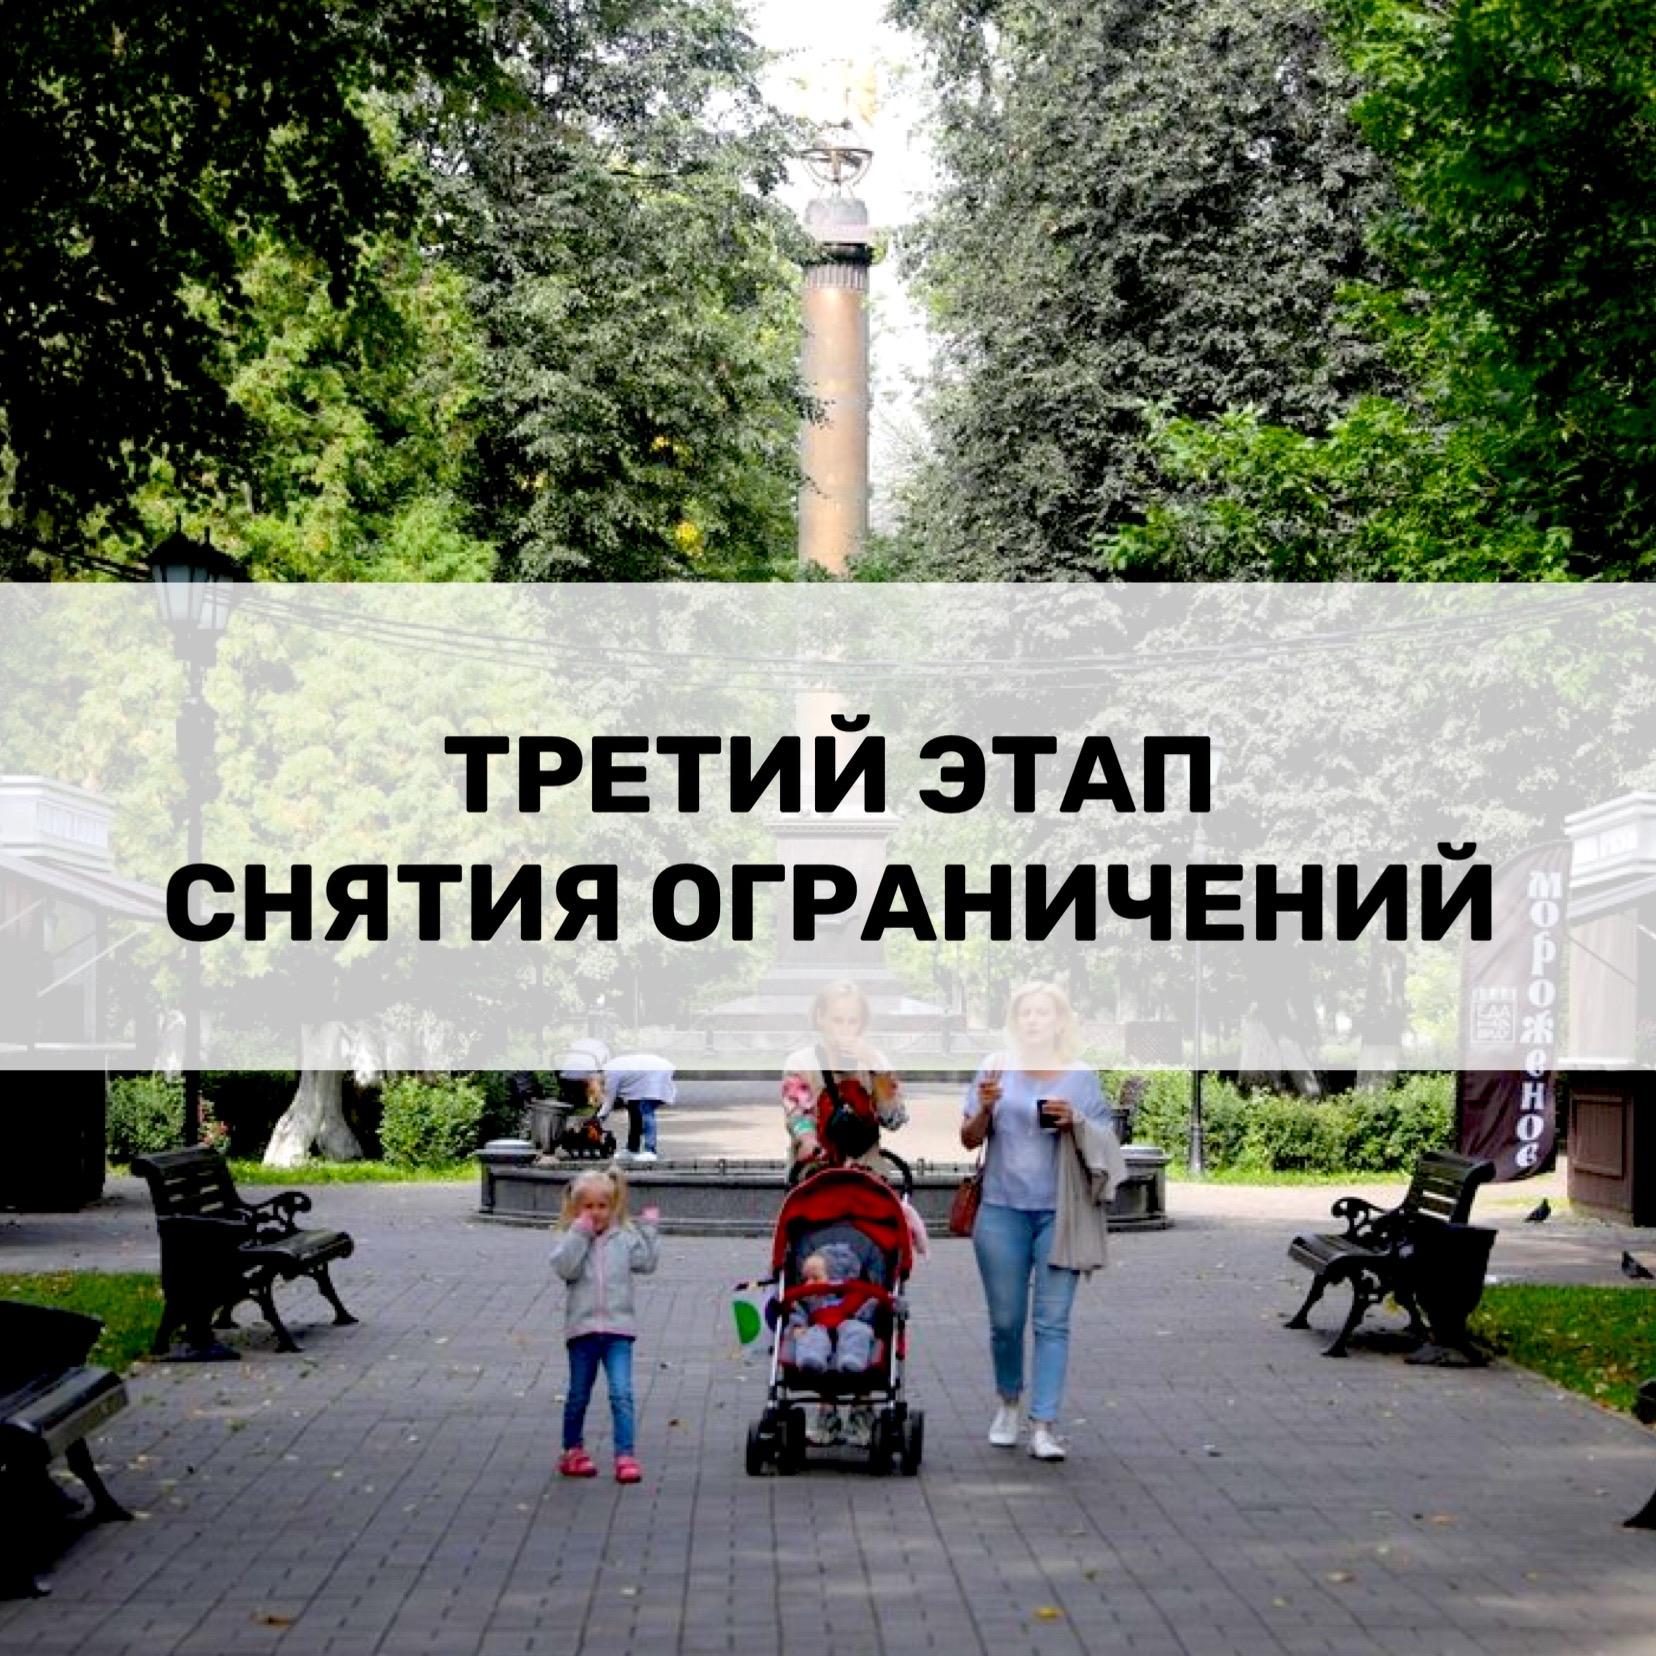 В Ярославской области начался третий этап снятия коронавирусных ограничений